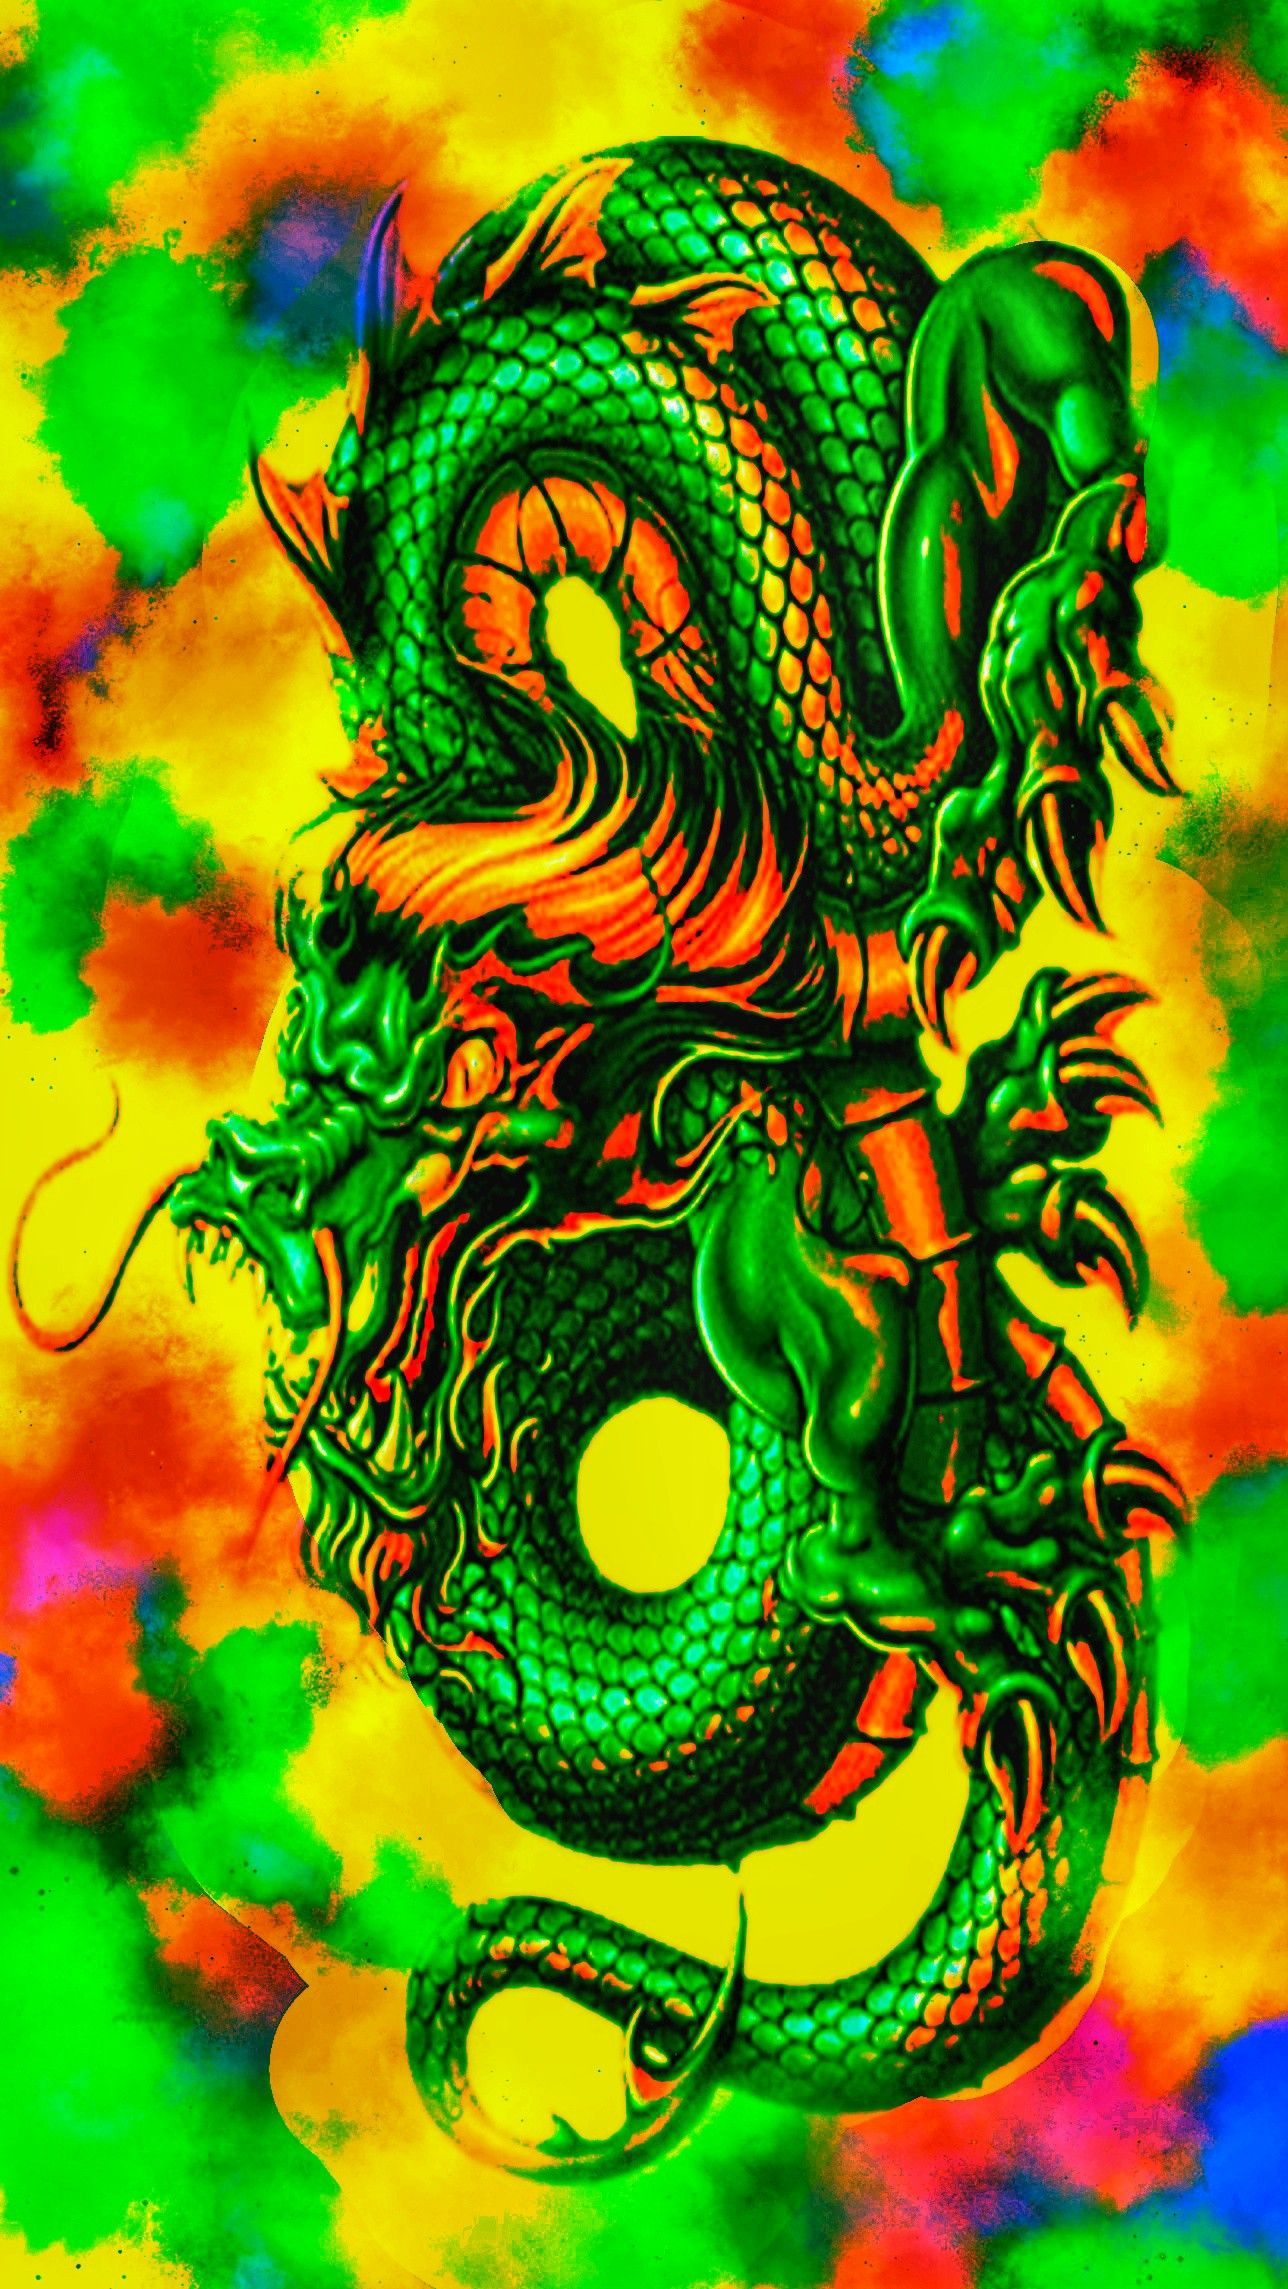 Dragon Wallpaper In 2020 Wallpaper Romantic Images Image Ratios